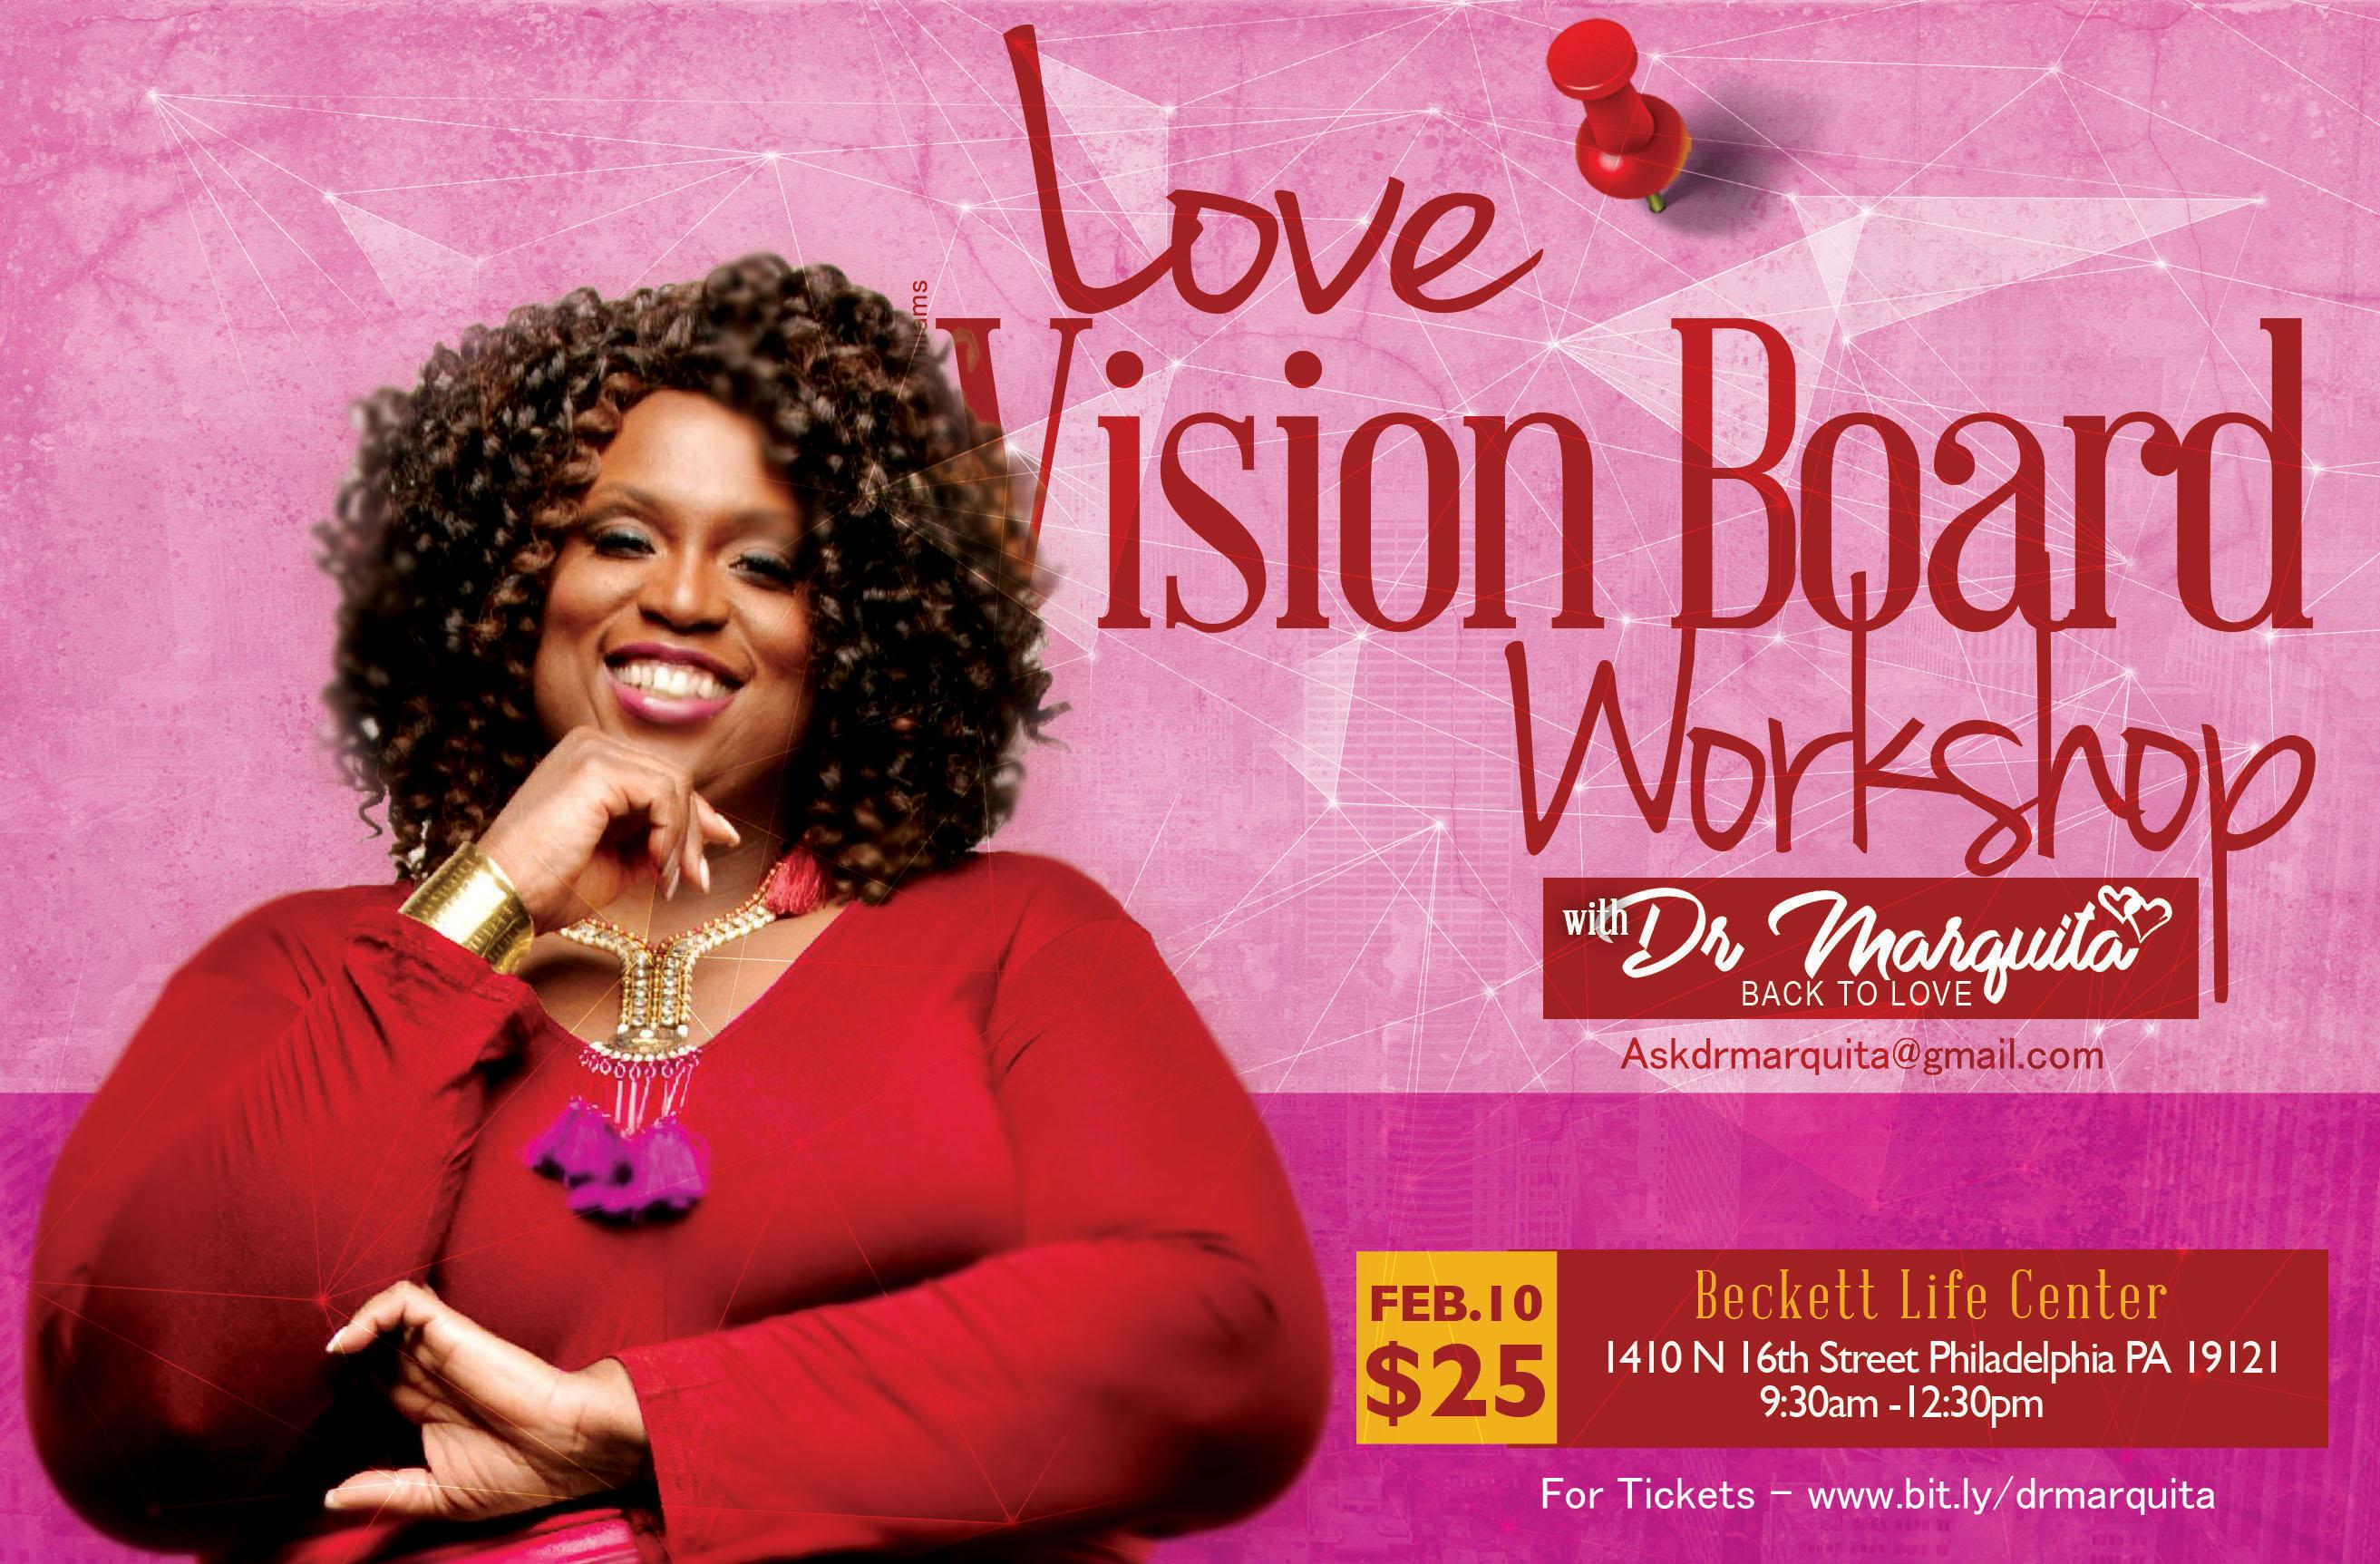 Love Vision Board